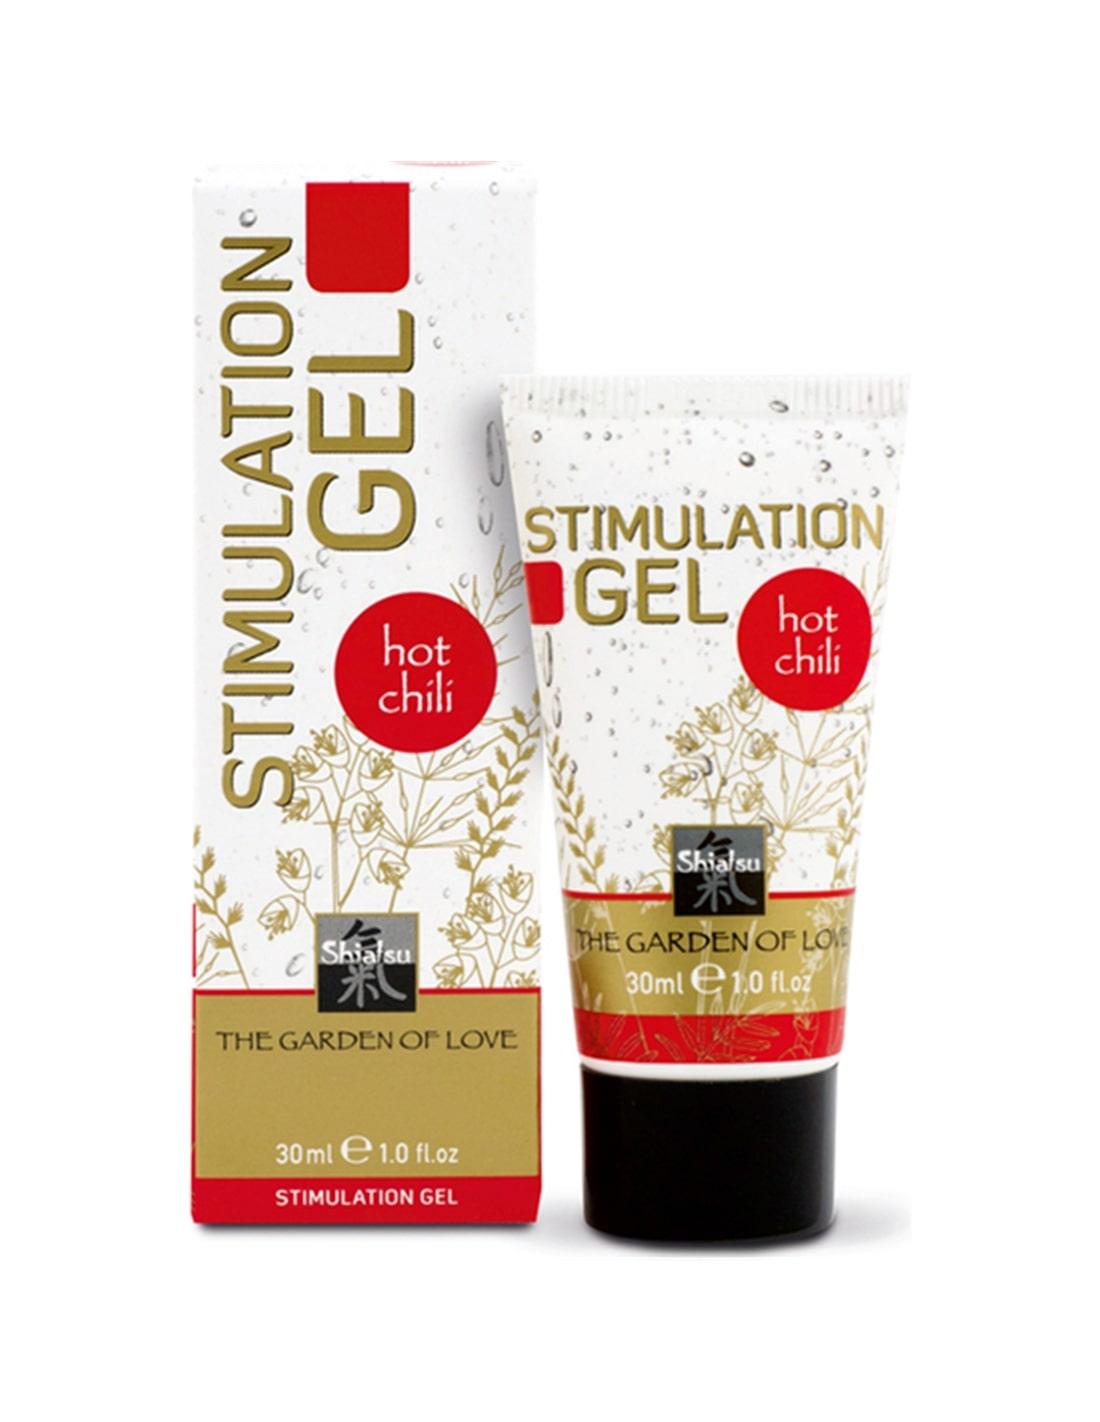 18431 - Gel Estimulante Shiatsu Stimulation Gel Hot Chili - 30ml-PR2010301939